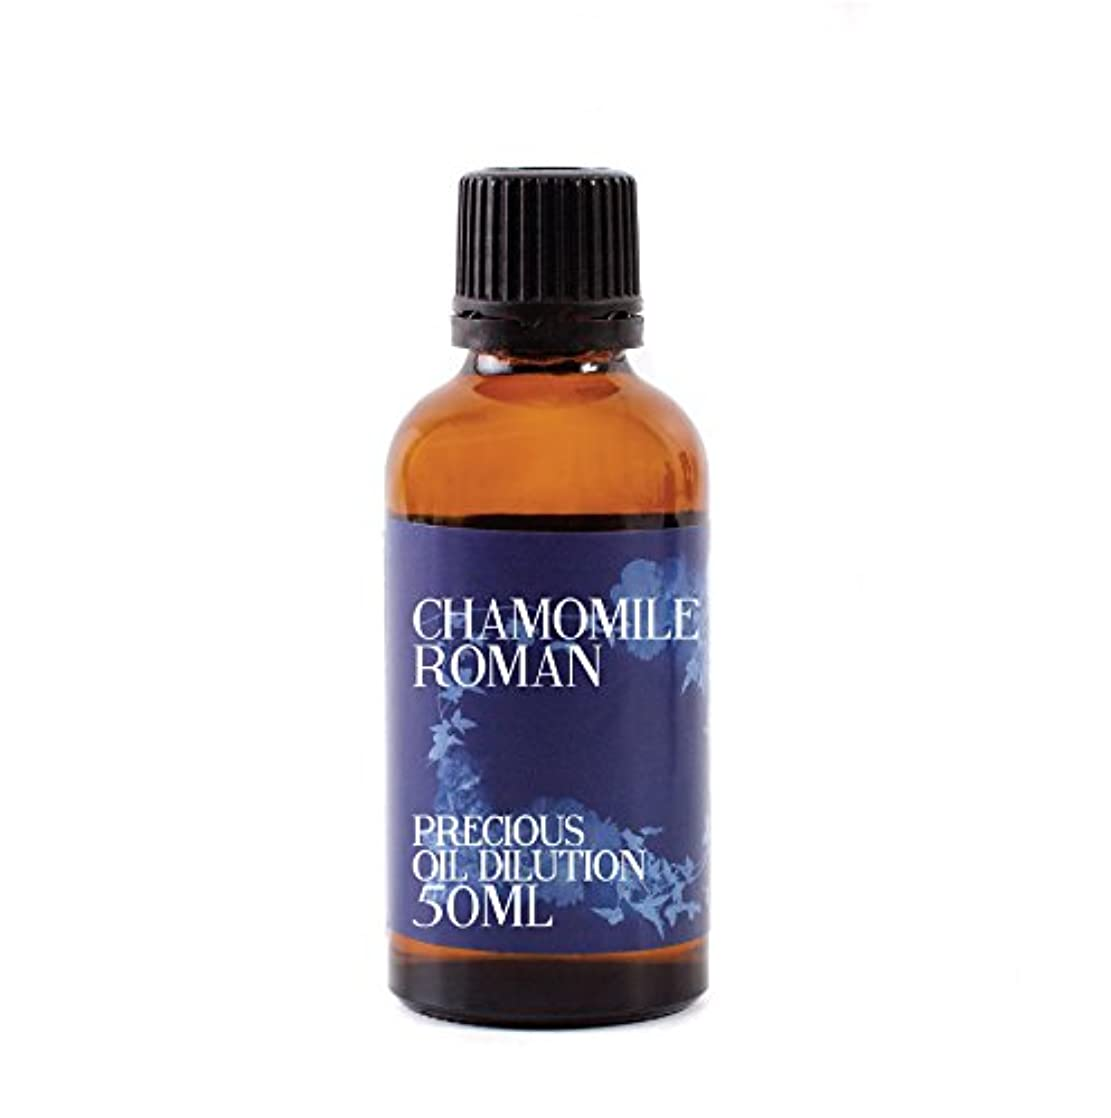 ビスケット考案するルーキーMystic Moments | Chamomile Roman Essential Oil Dilution - 50ml - 3% Jojoba Blend